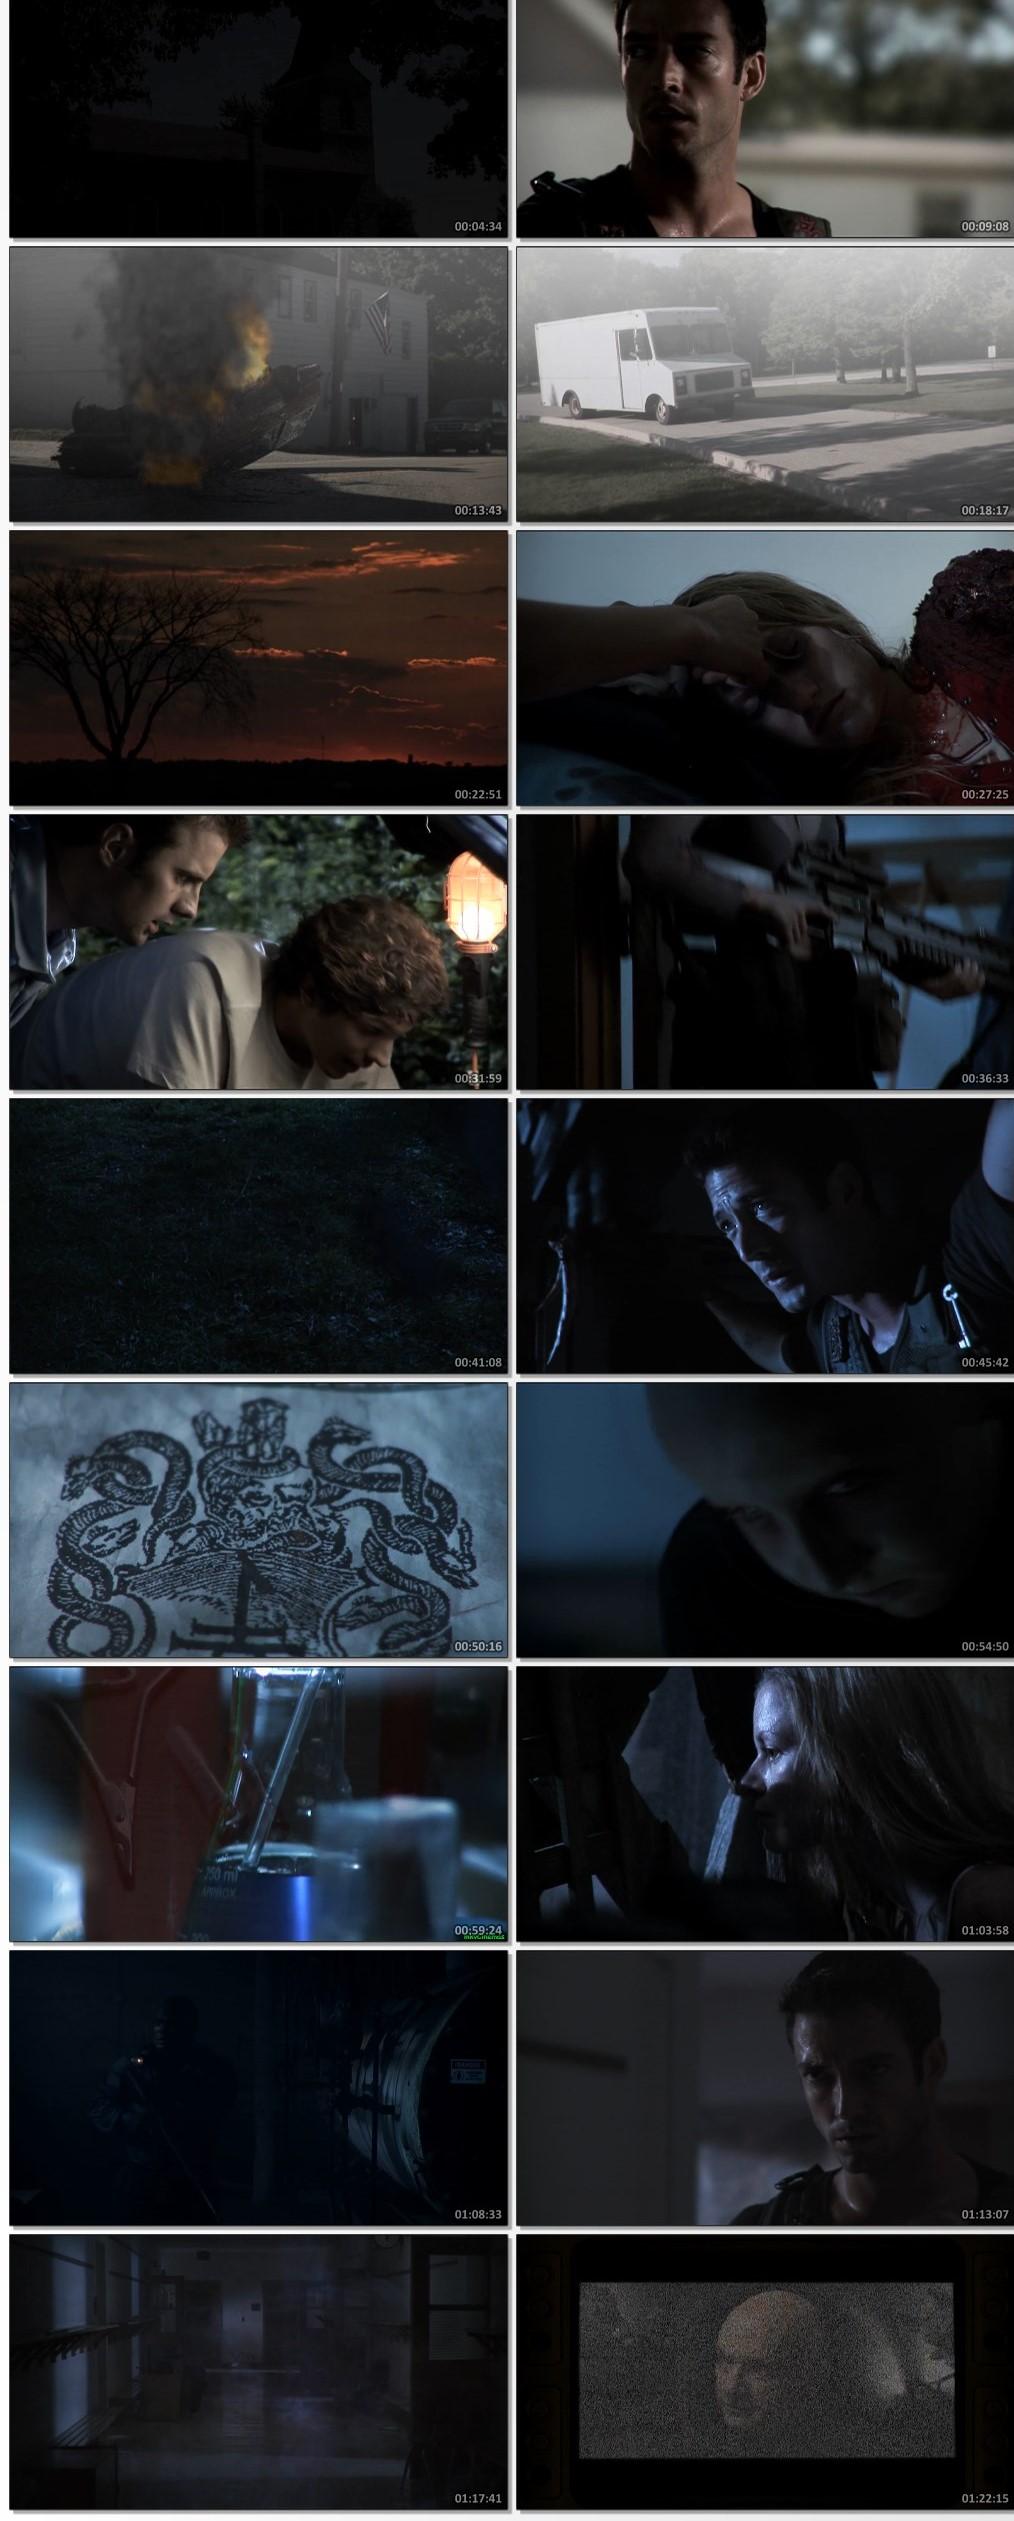 Guardians-2009-Web-Rip-720p-Hindi-AAC-2-0-x264-t-mkv-thumbs